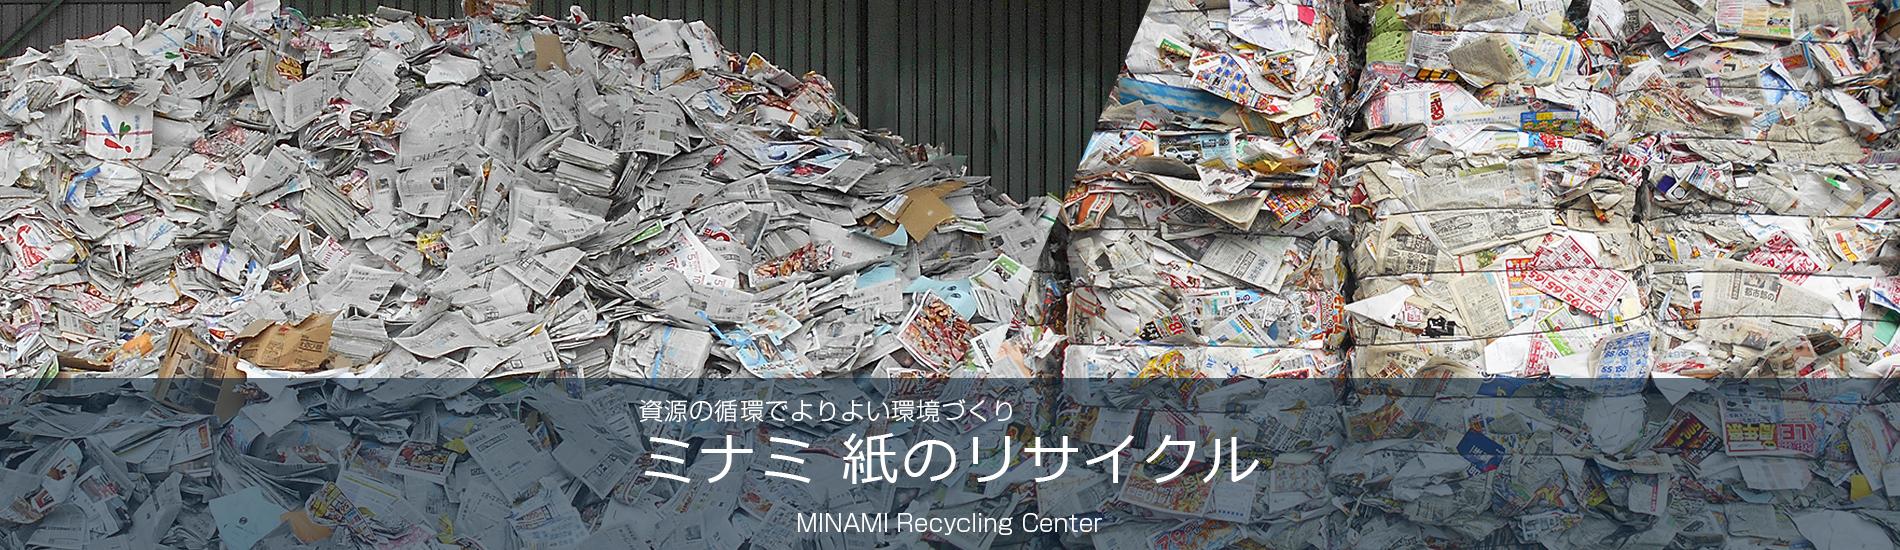 ミナミ 紙のリサイクル